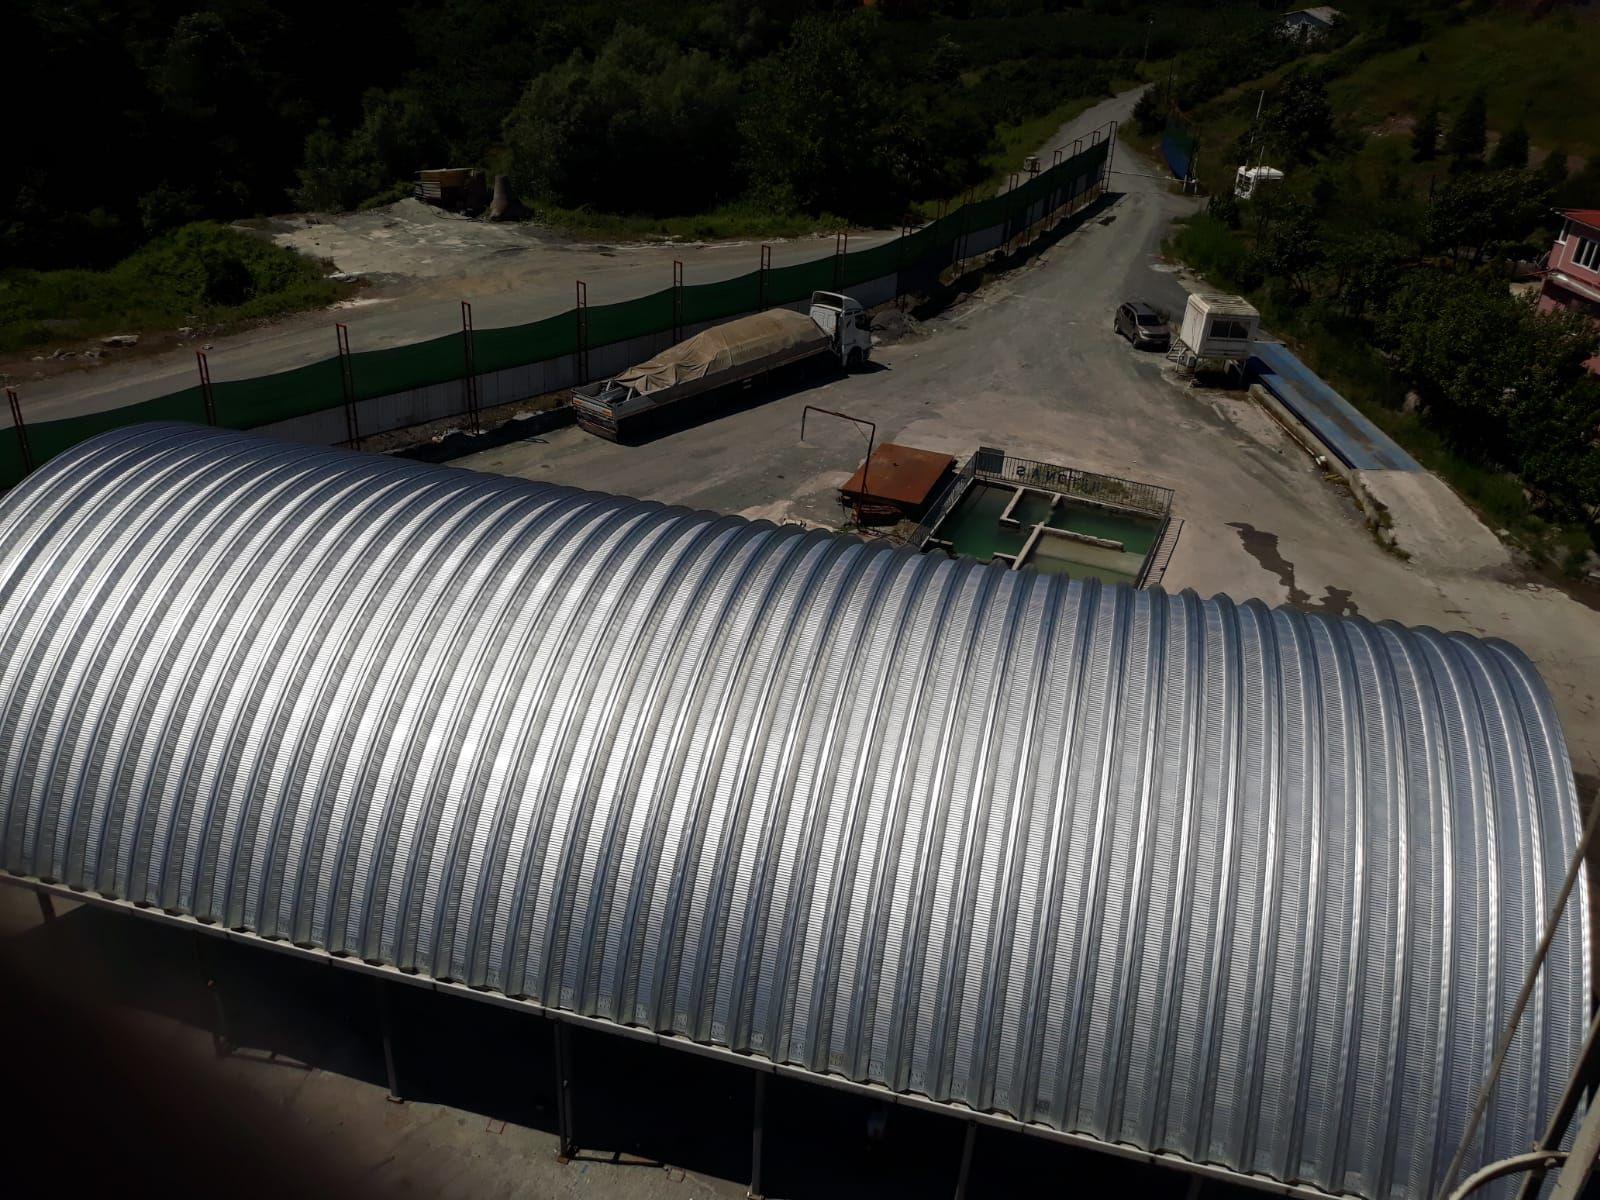 Roof Çelik Ege Doğa - Zonguldak Cürüf Ayrıştırma Tesisi